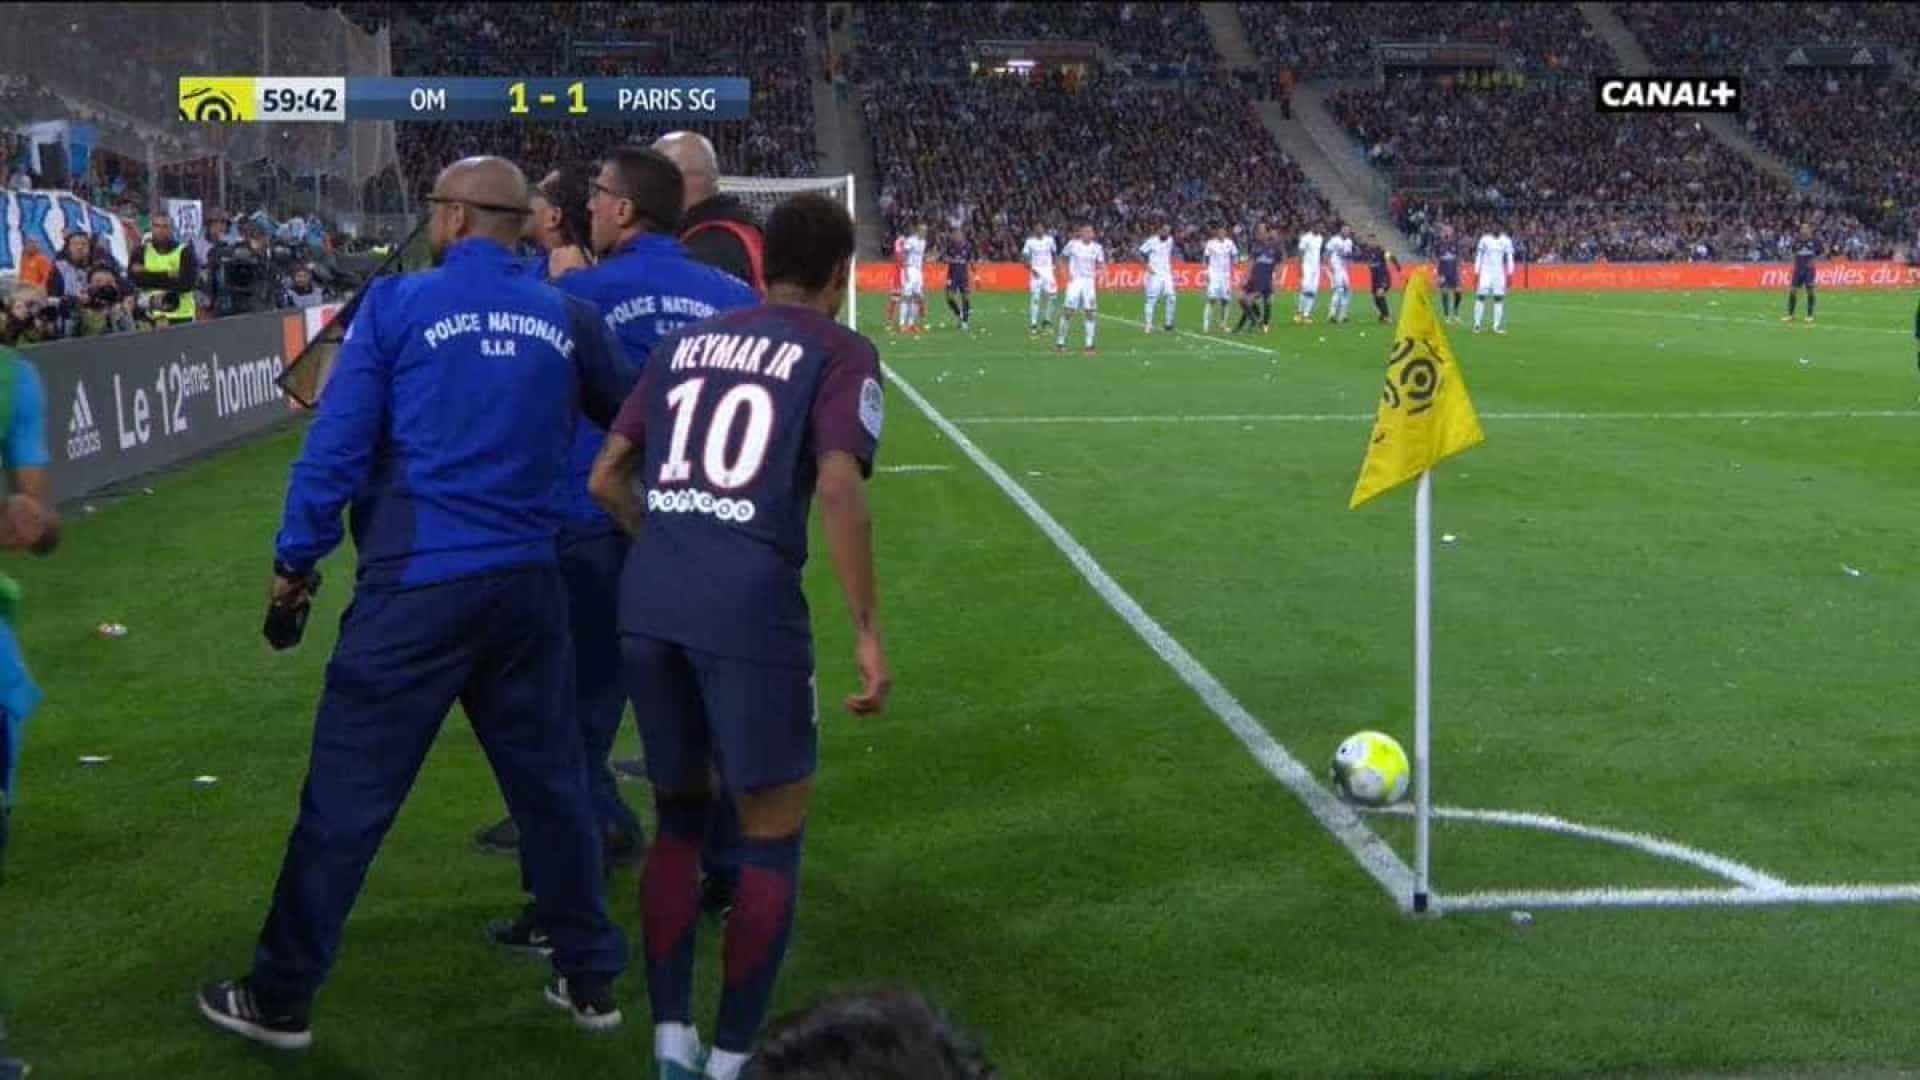 Neymar se desentende com técnico do PSG, diz jornal